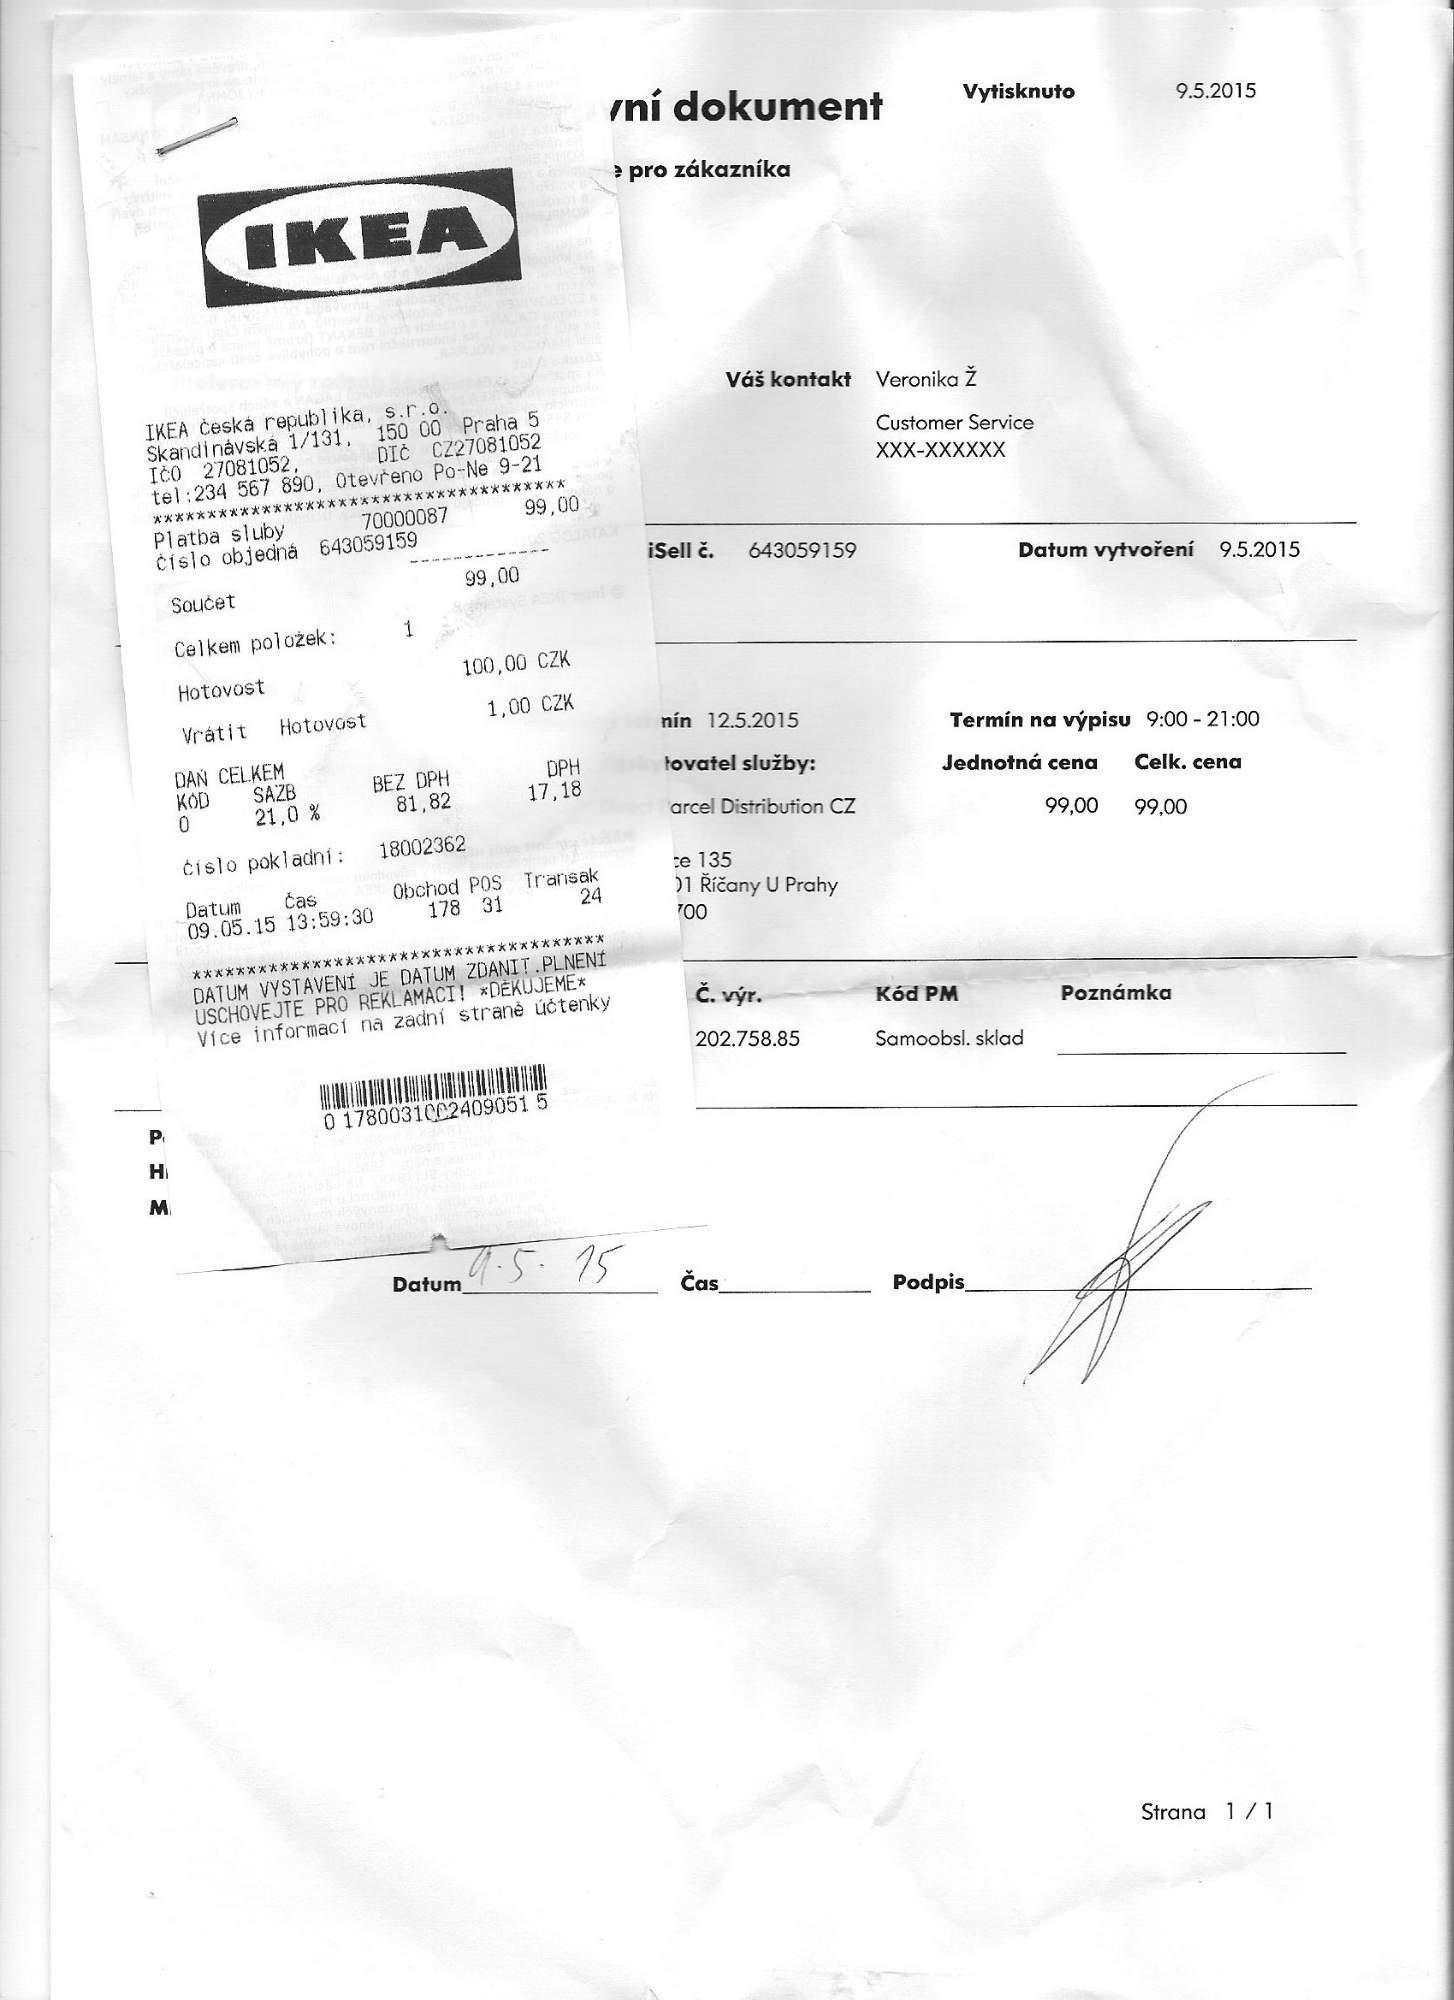 Ikea Police Michal182 Album Na Rajceti